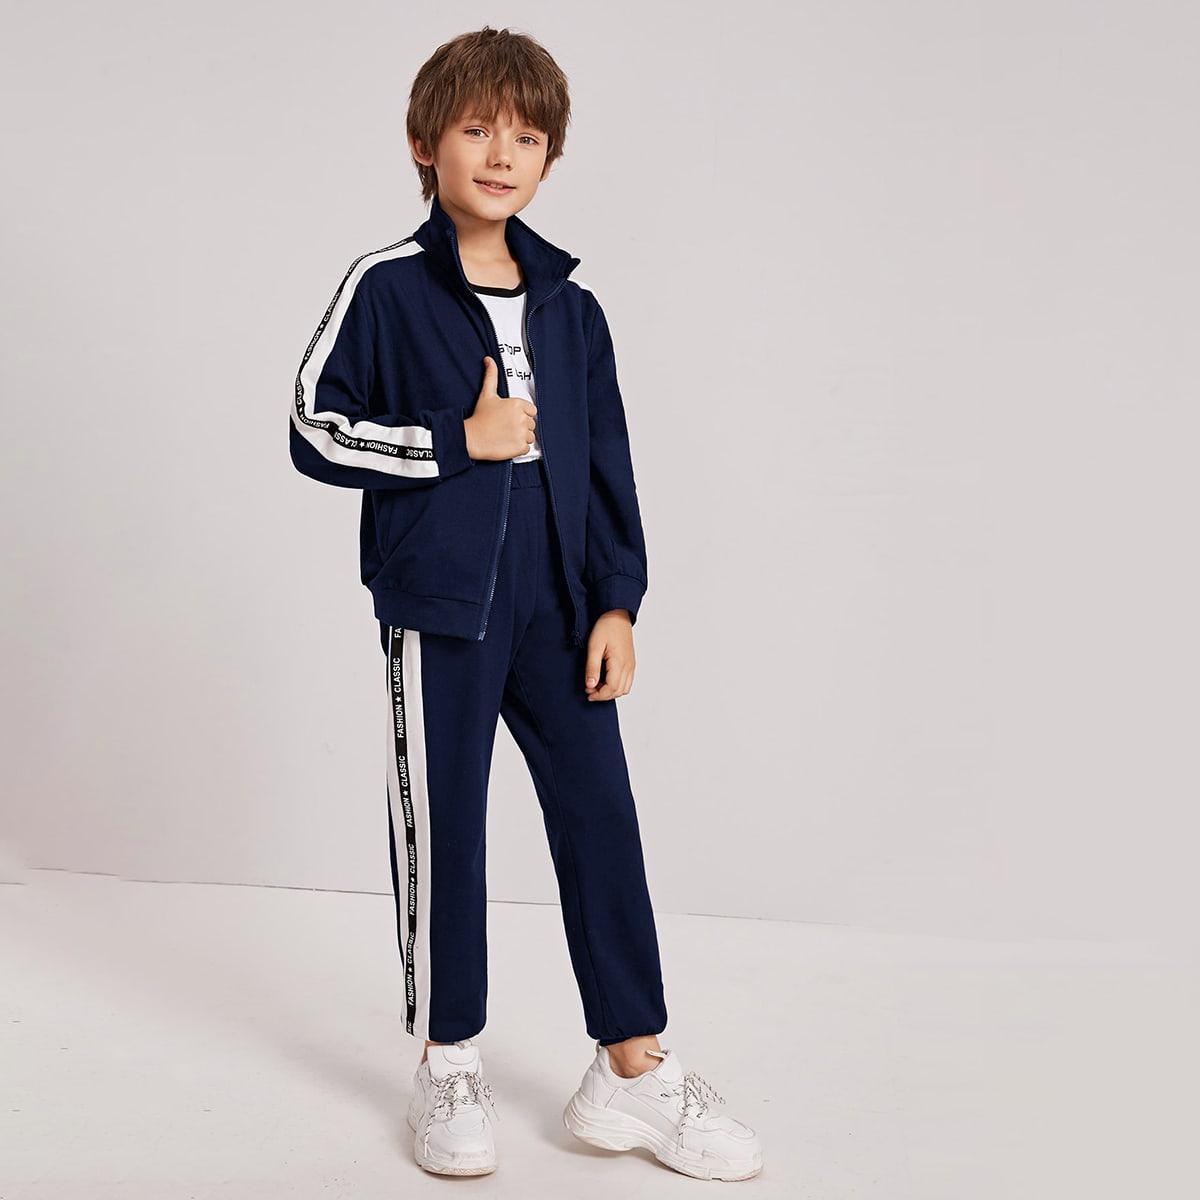 Спортивные брюки и контрастная куртка с текстовой лентой для мальчиков